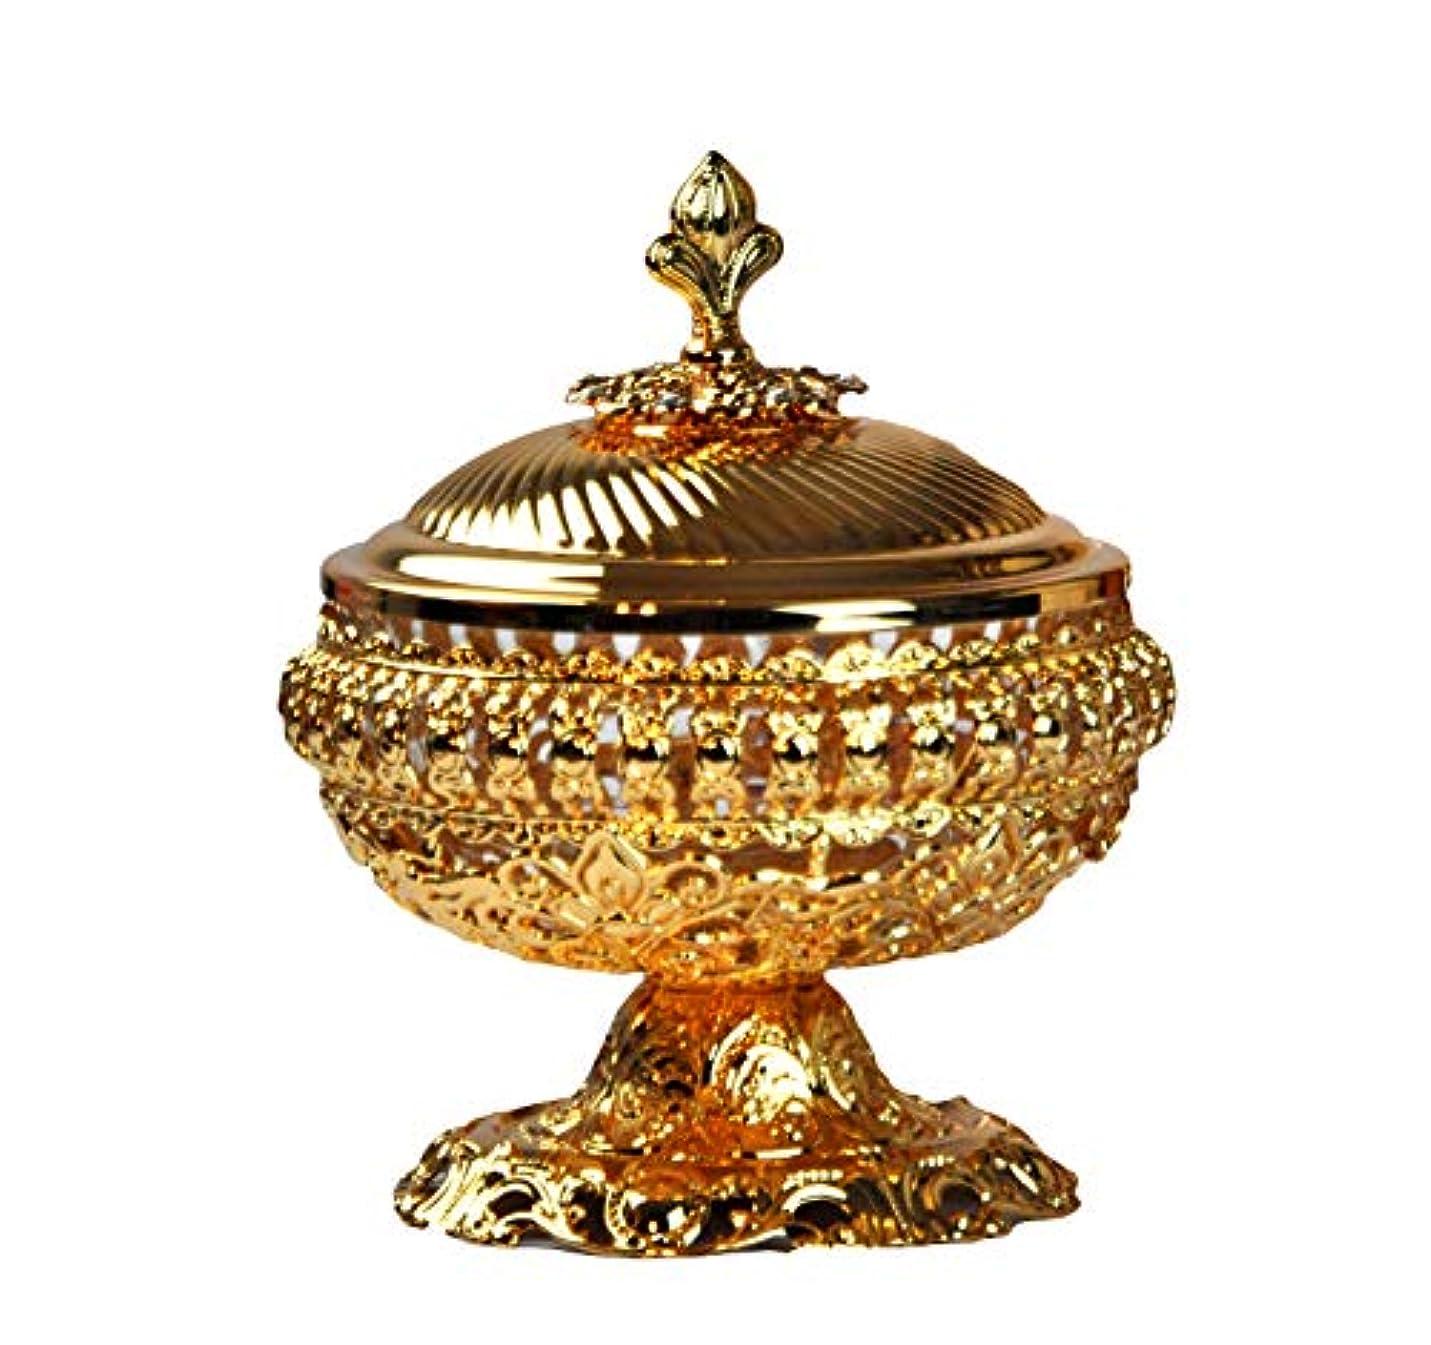 キー計画的近々Decorative Bowl to keep hold整理Arabia Bakhoor、チャコール、Oudチップ、Oud Wood、Oudhタブレット、 9inc. シルバー